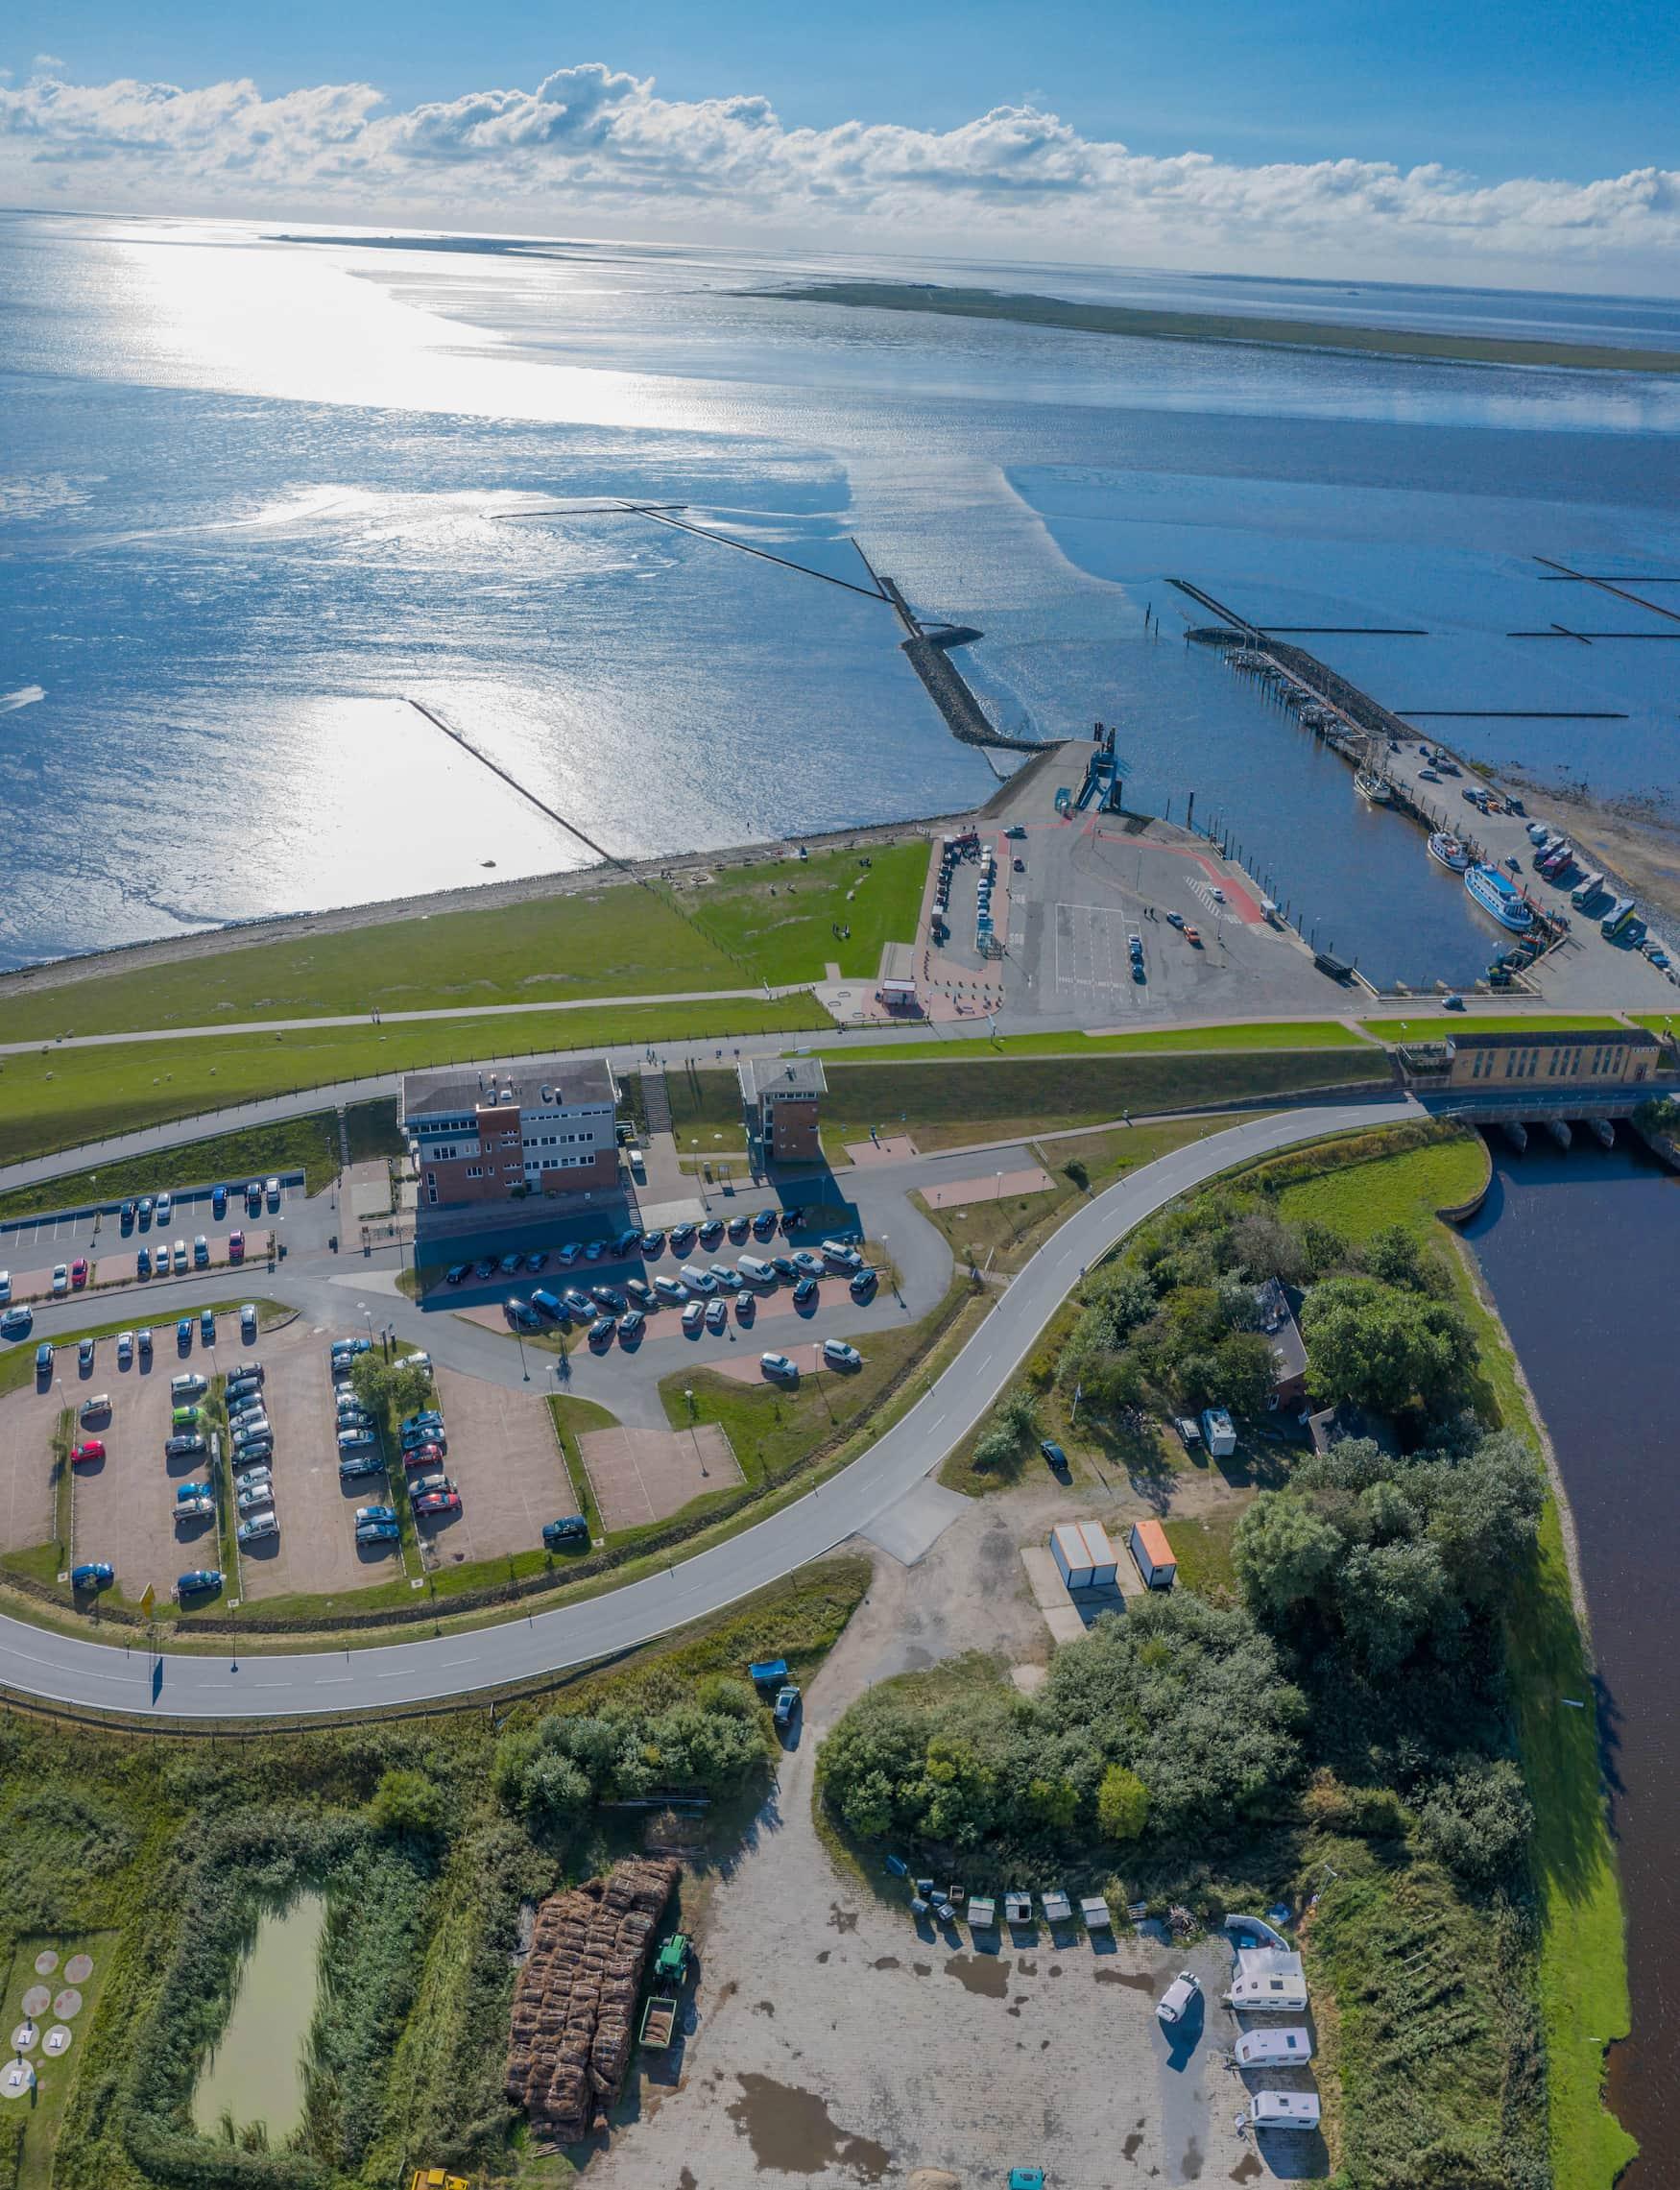 Luftseilblick auf den Hafen von Schlüttsiel, Ausgangspunkt für die Fähre zu den Inseln, Halligen von Hooge und Langeneß.